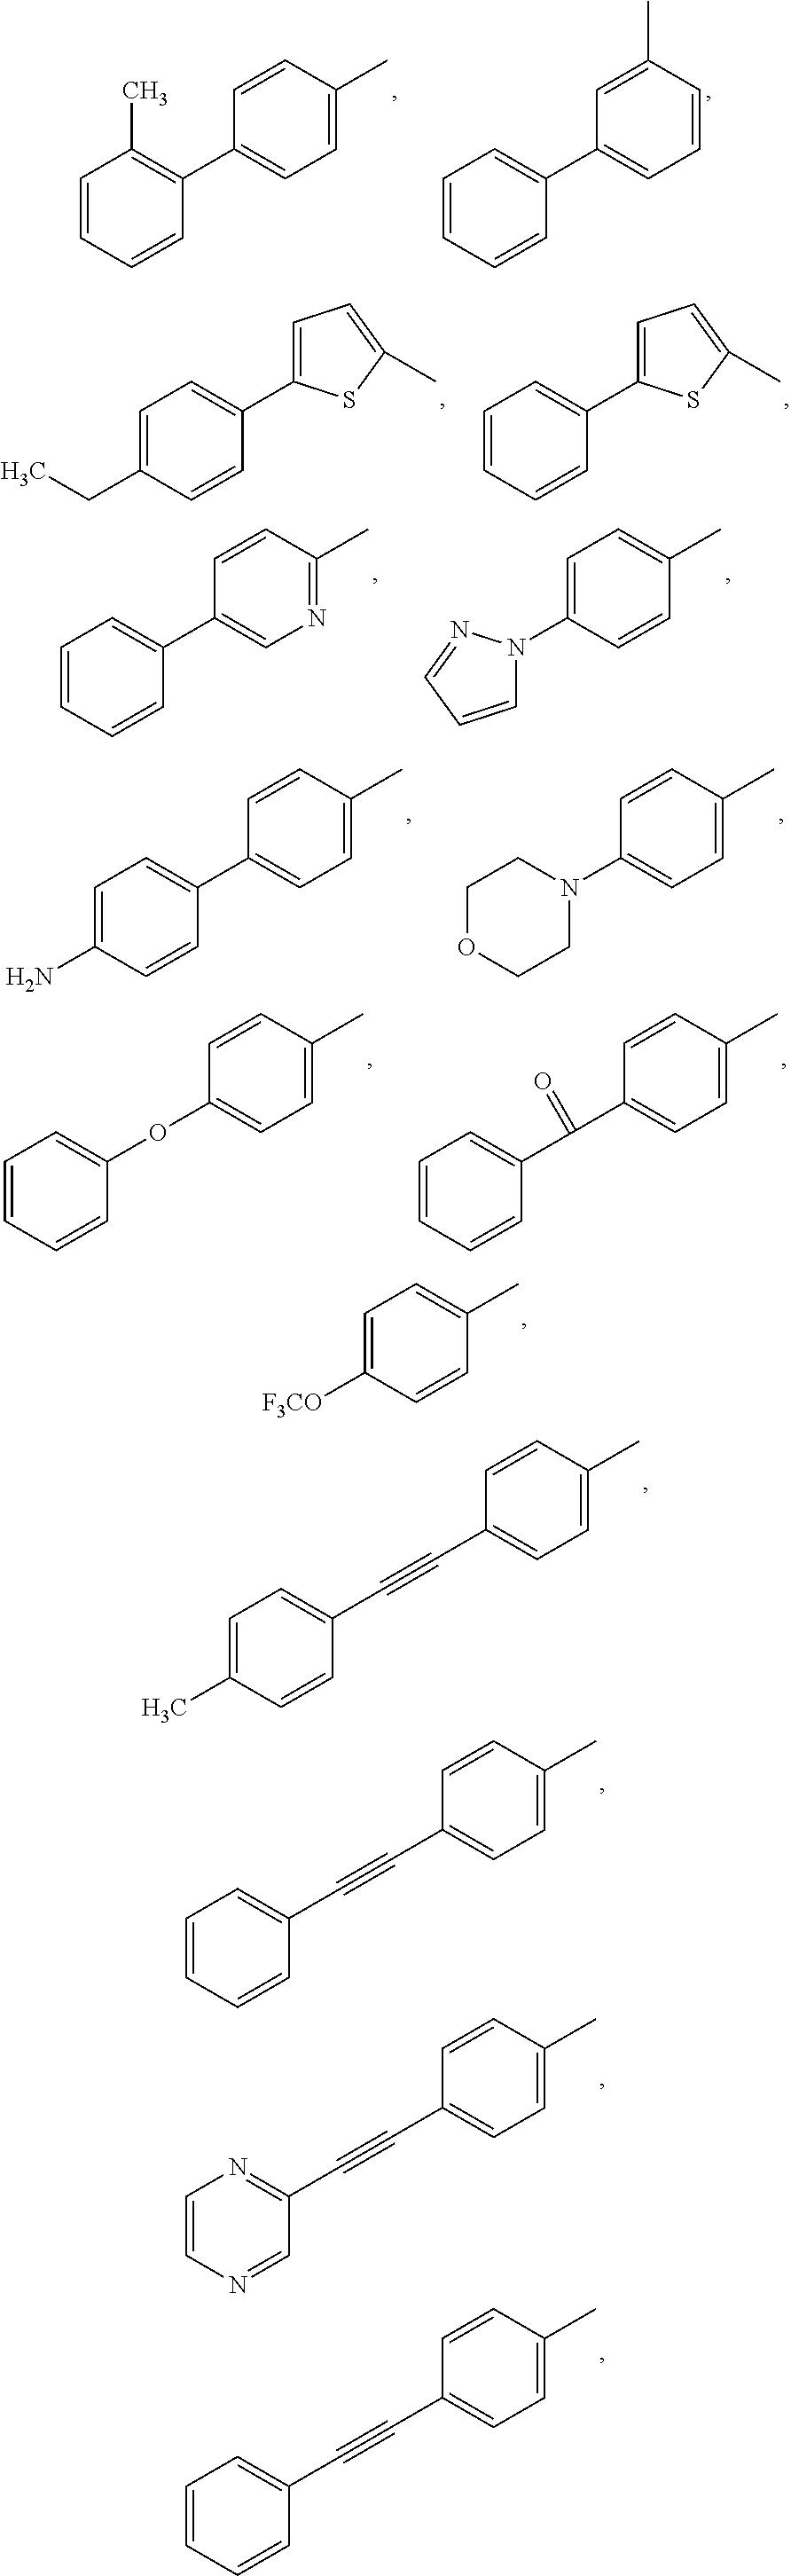 Figure US09617256-20170411-C00029